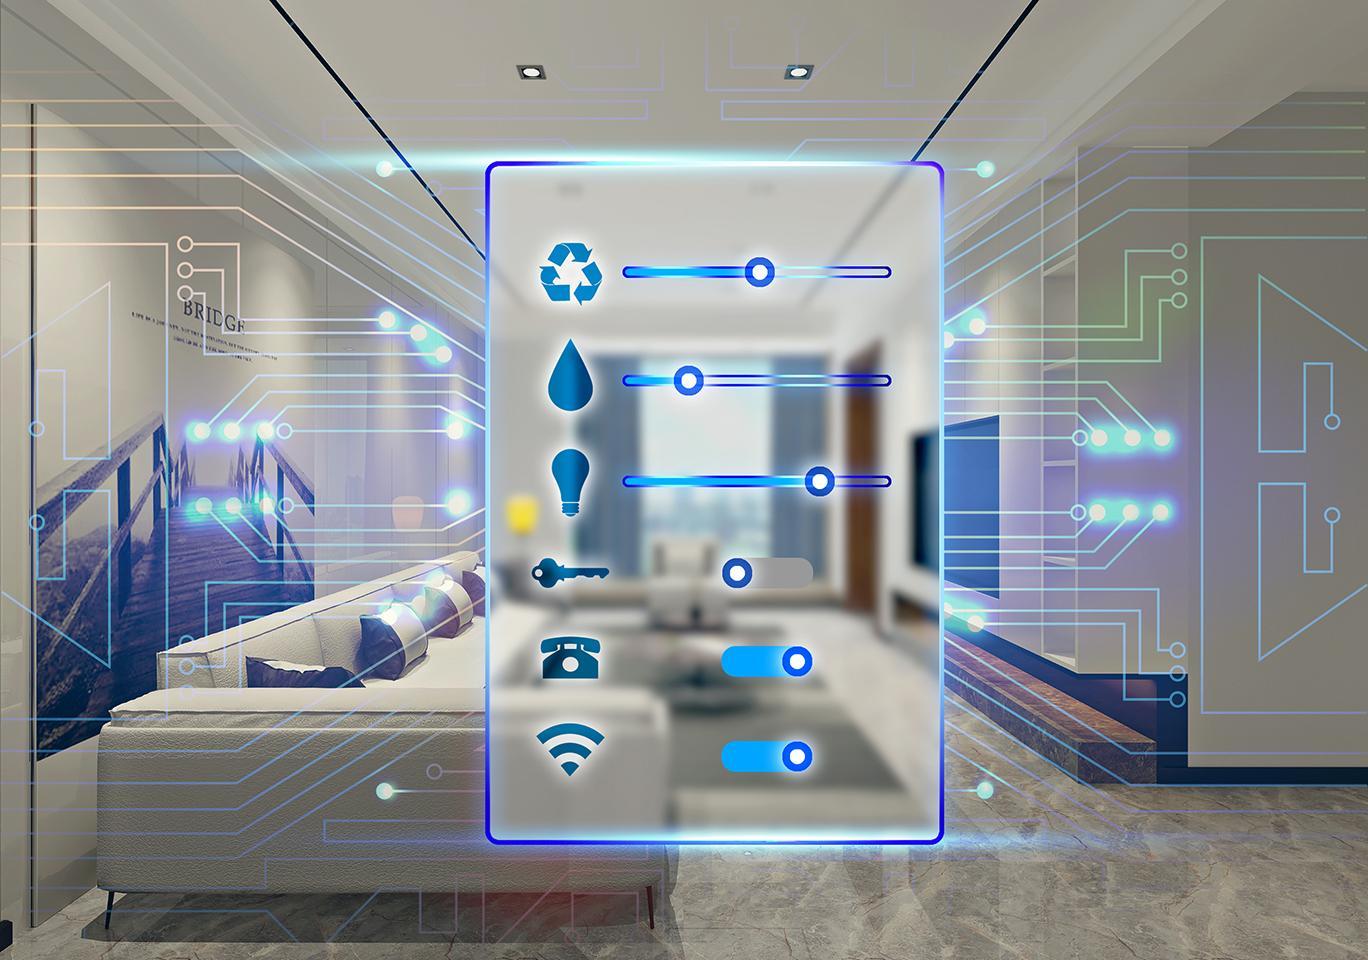 死在手机上的摩托罗拉,要在冰箱、空调、洗衣机上活过来